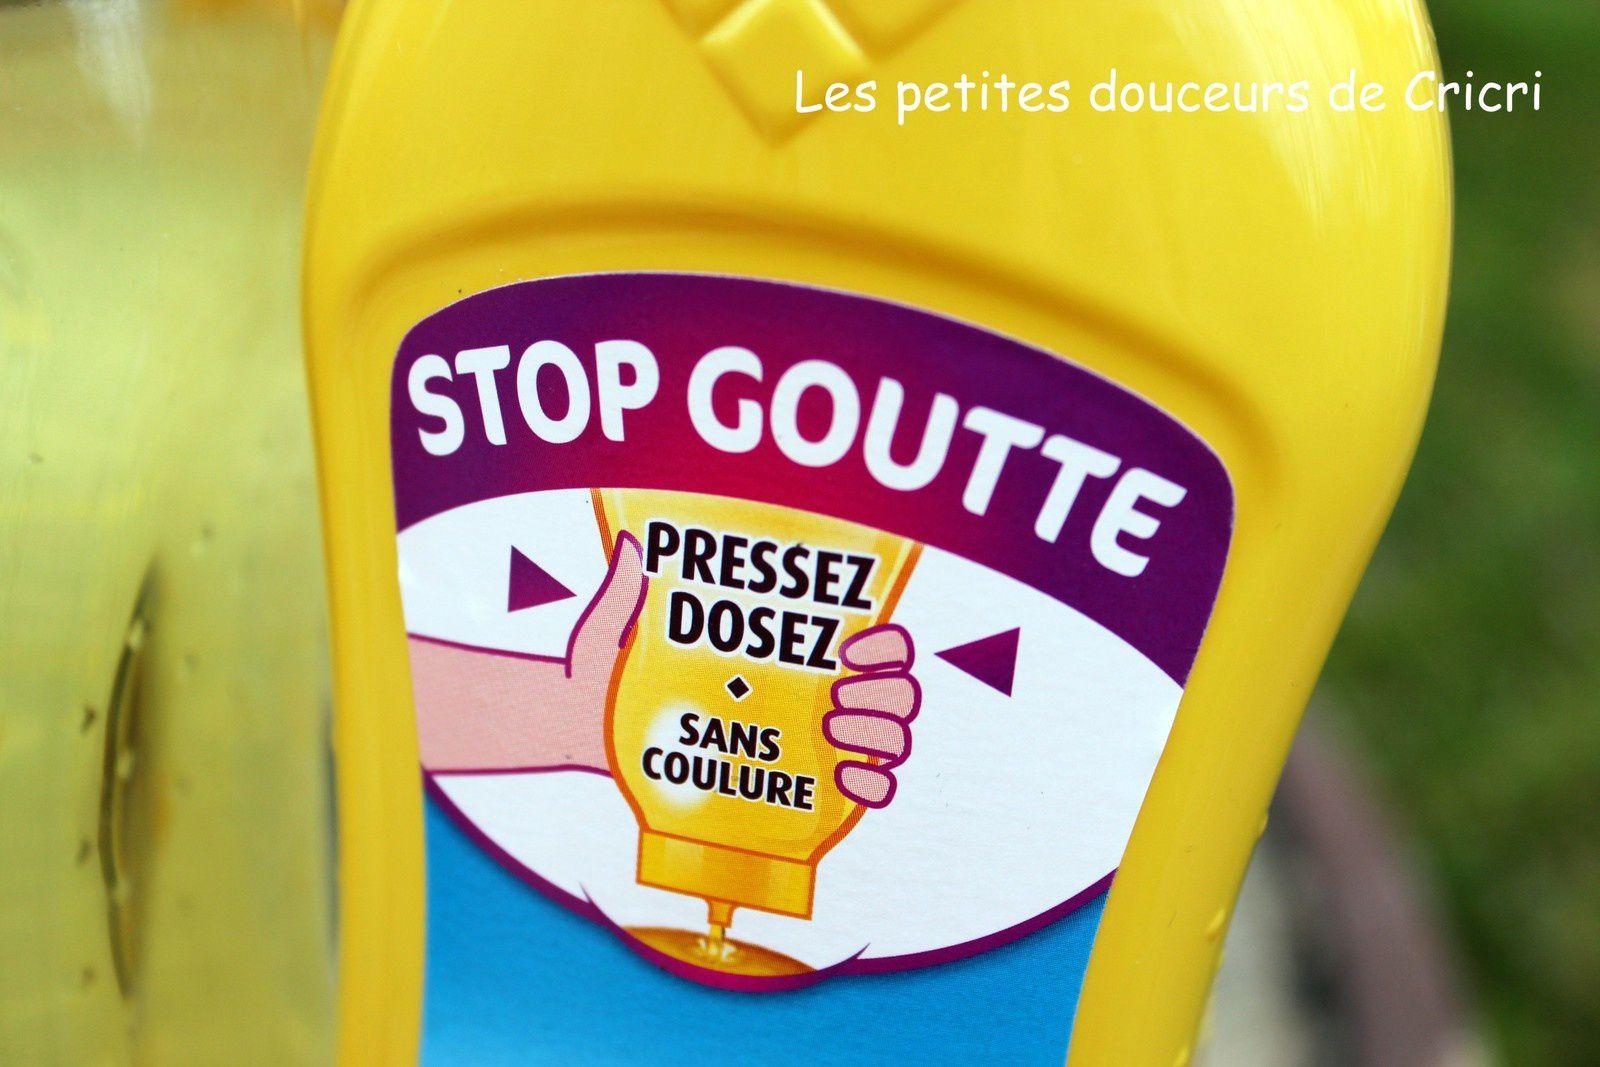 Duo huile et beurre Lesieur, son flacon Stop goutte